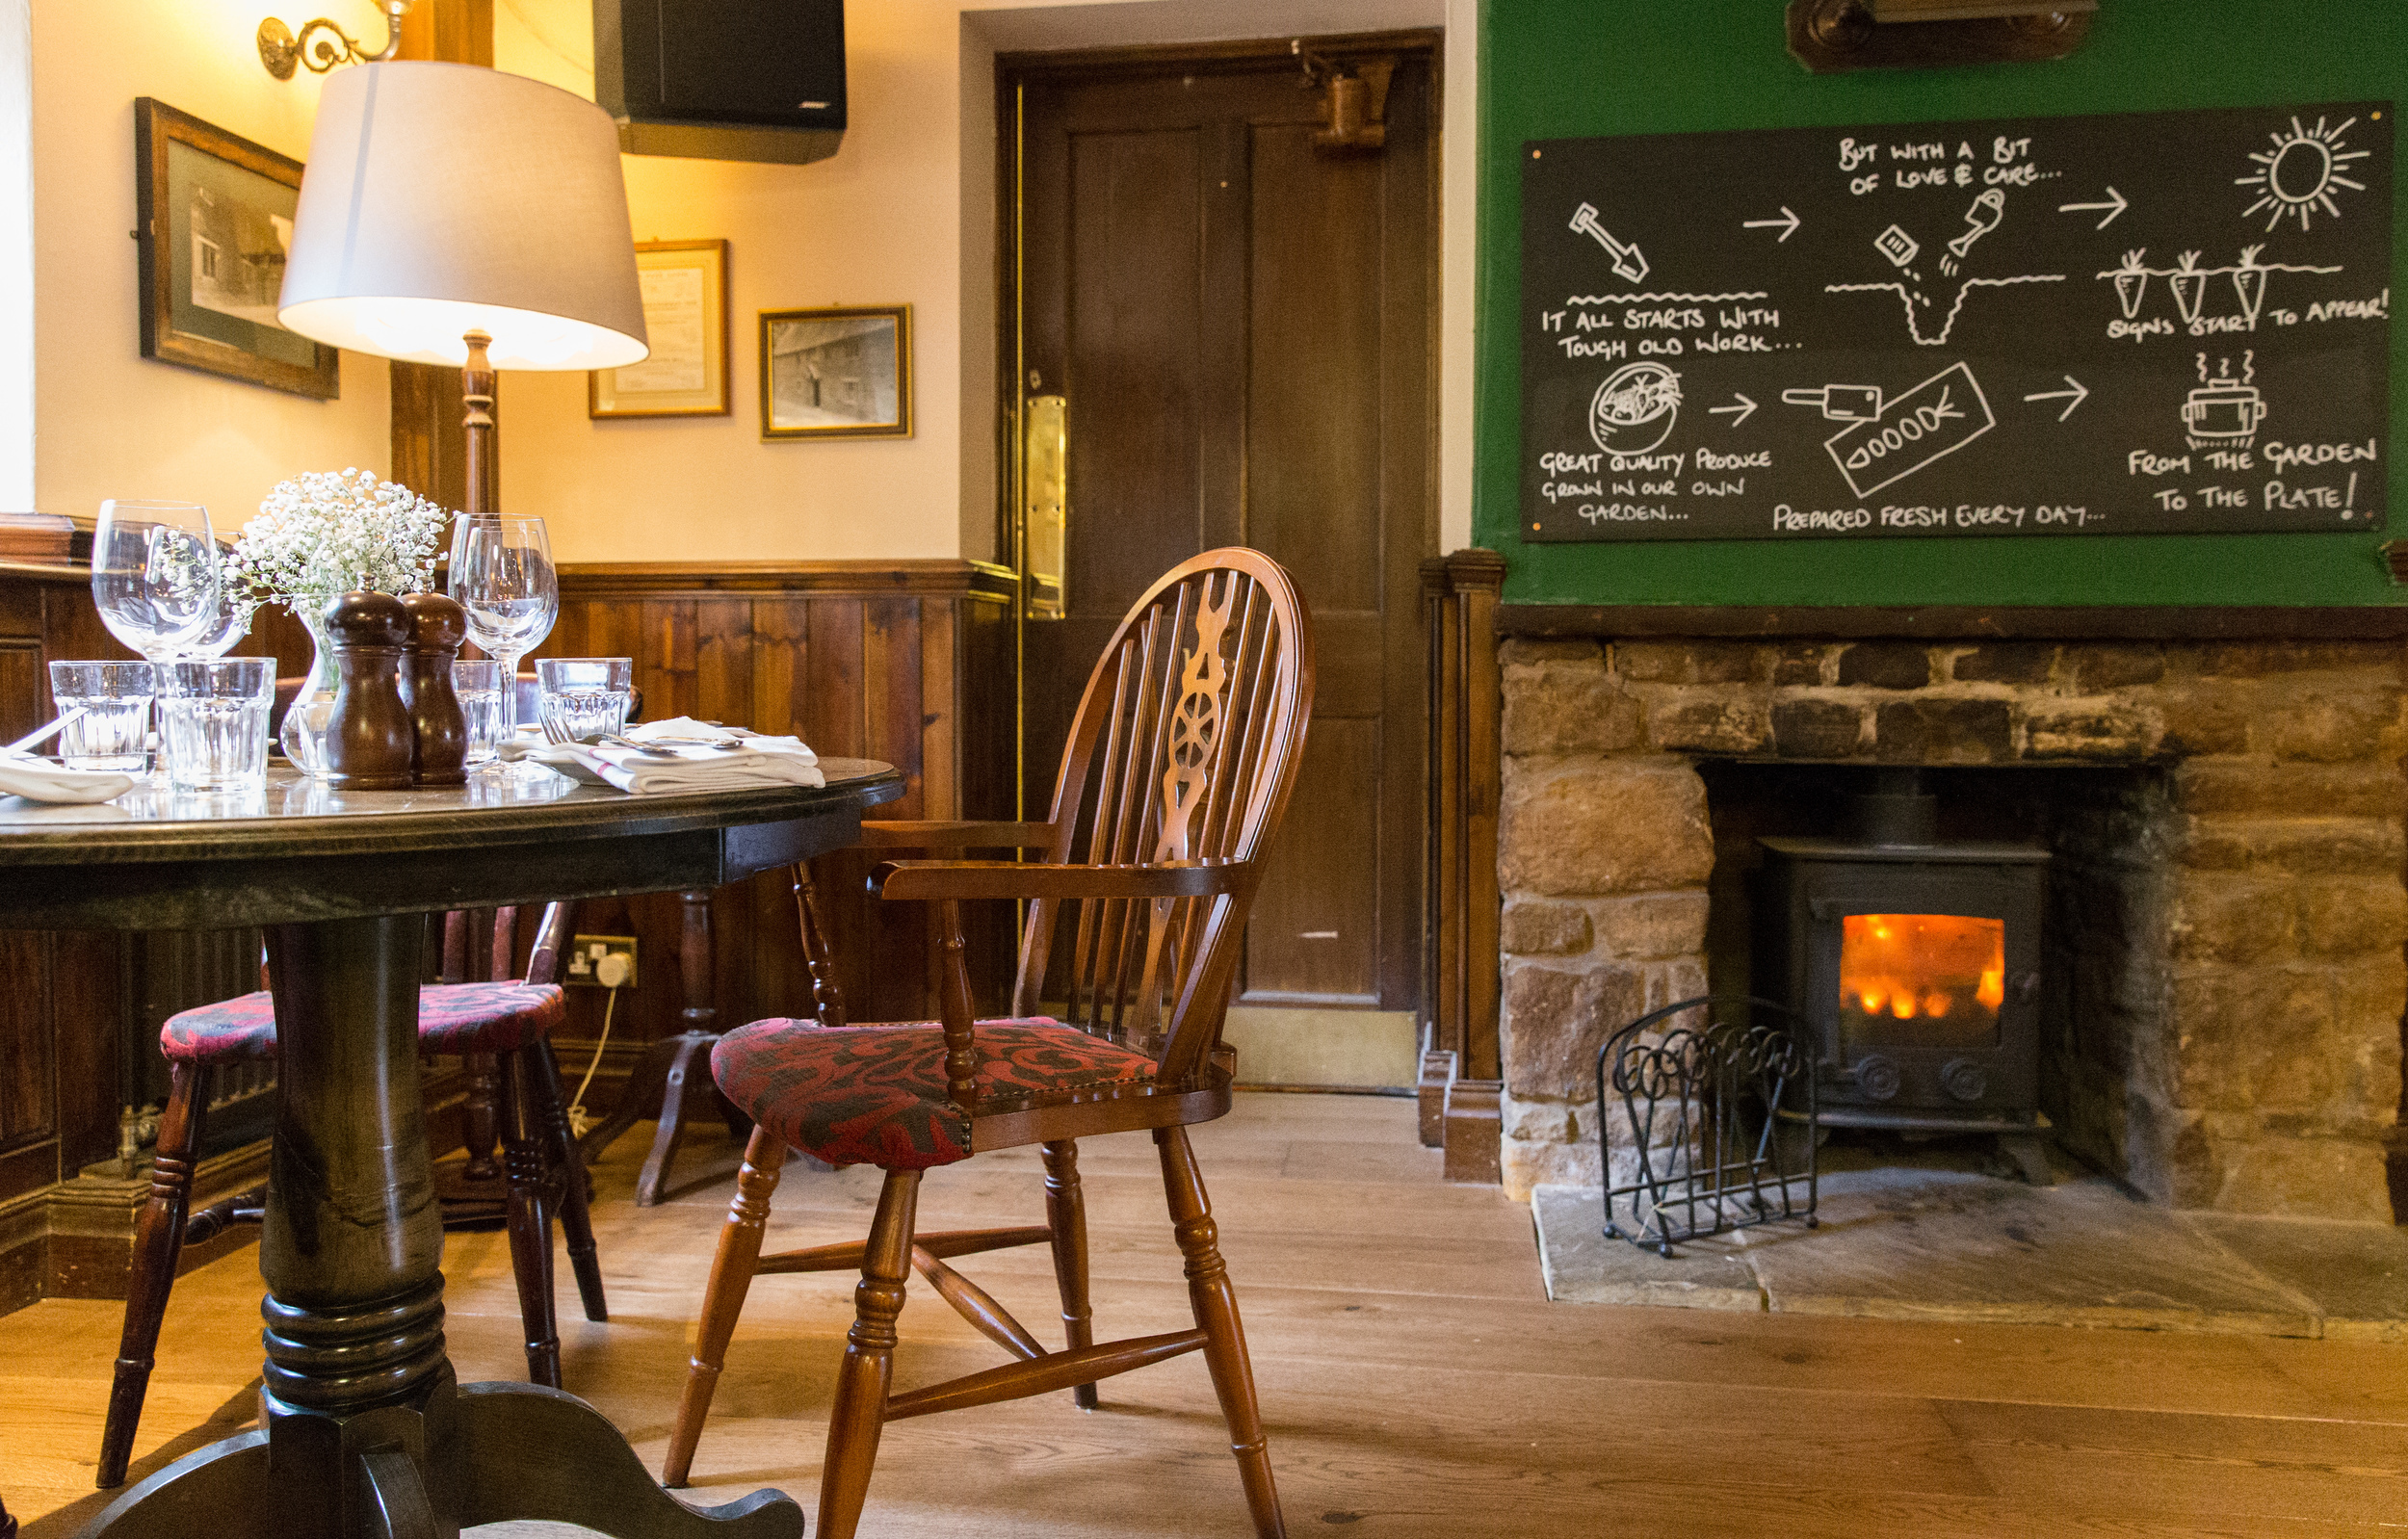 Gallery — The Wheatsheaf Pub & Dining Room